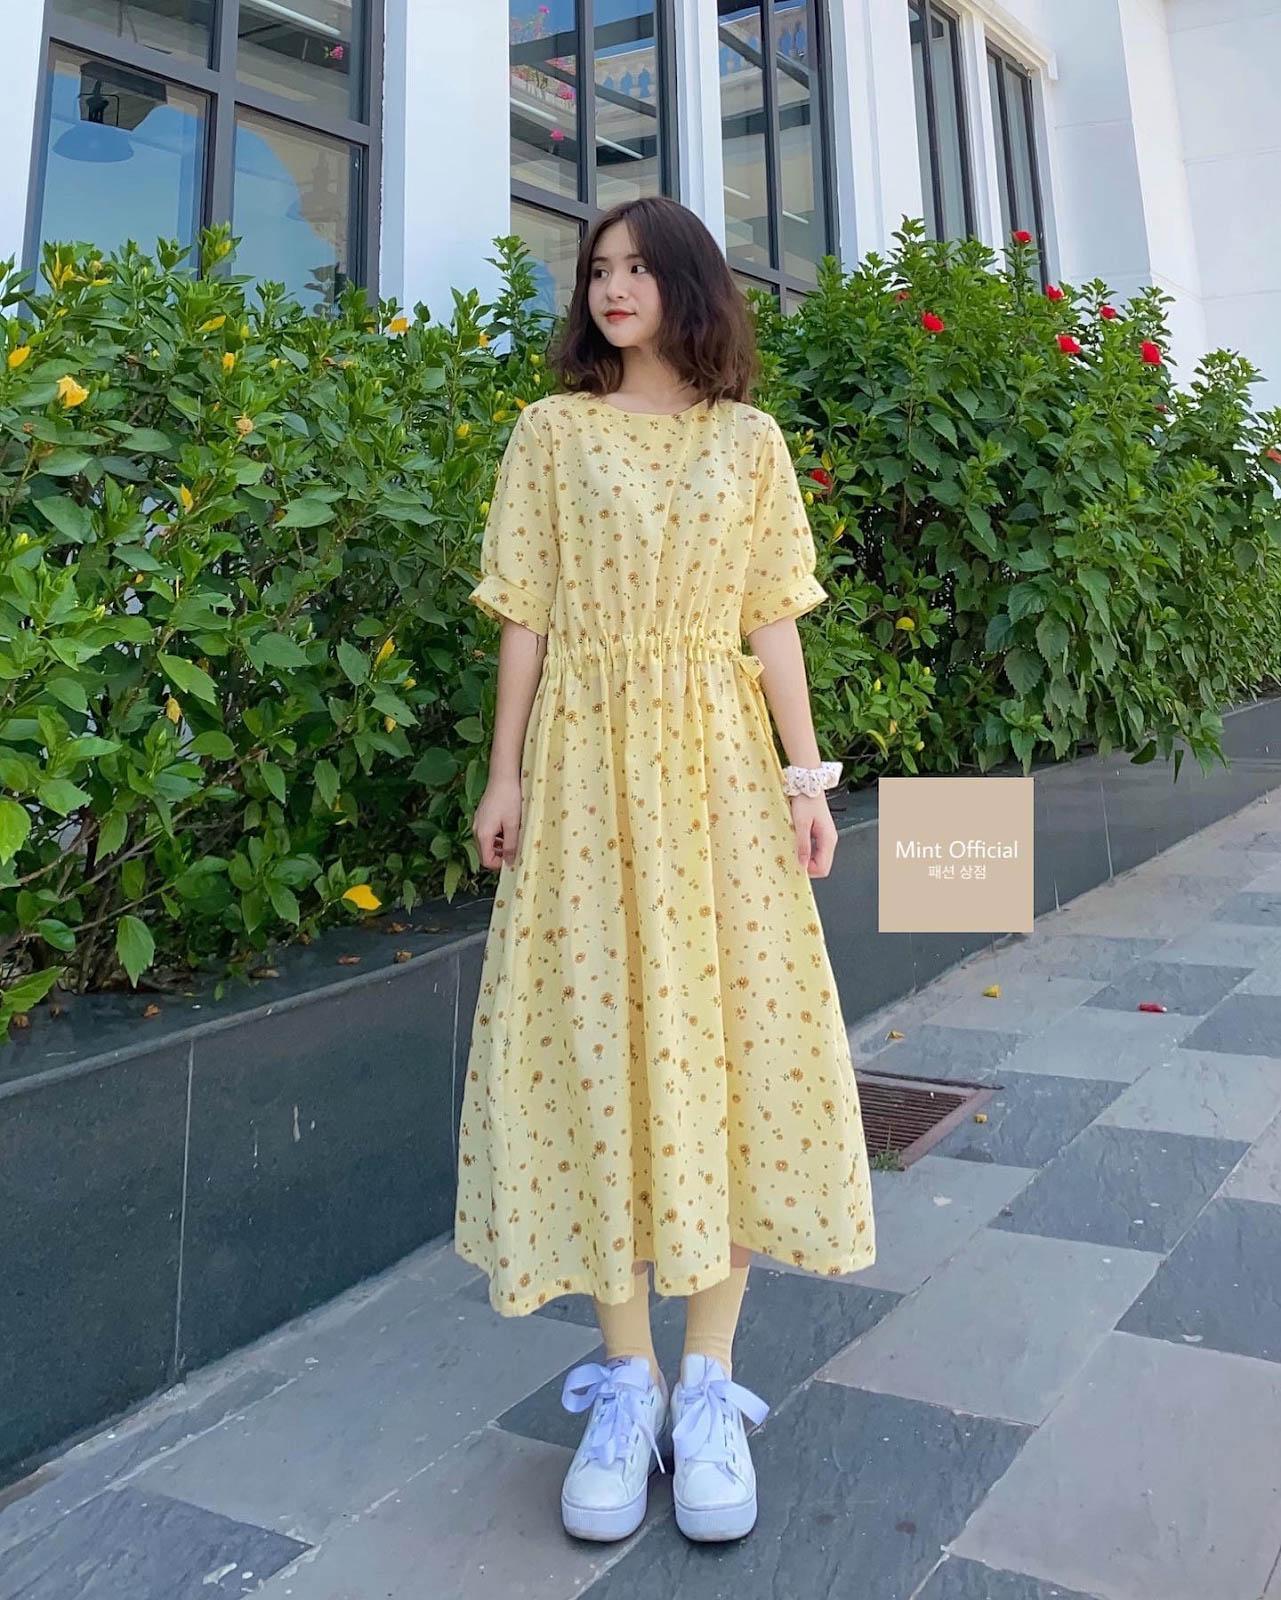 Váy hoa nhí vải thô tạo nét nữ tính, ngây thơ